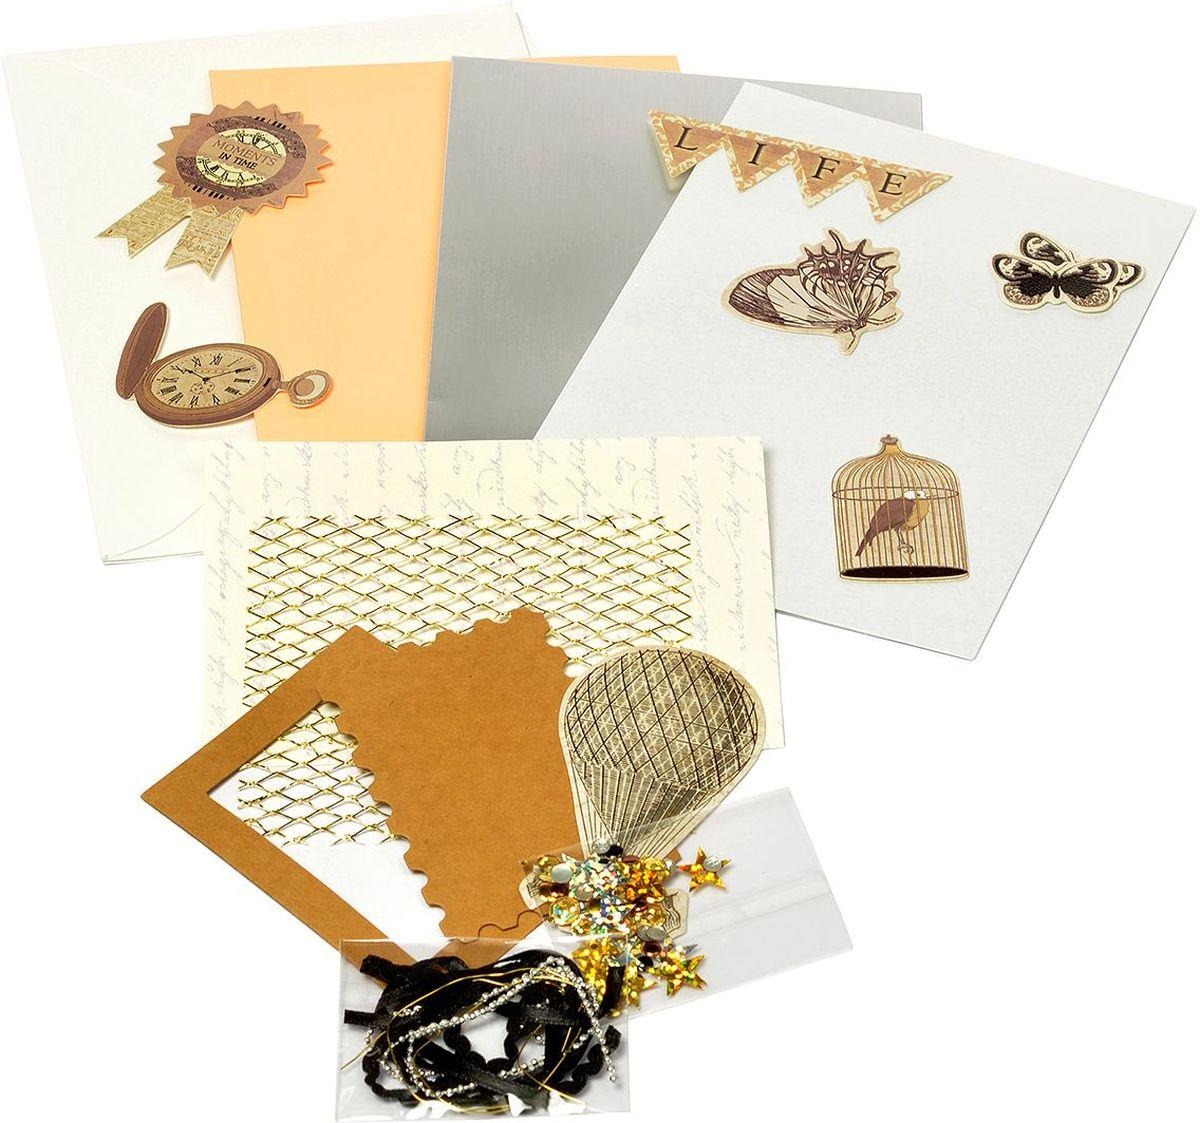 Набор для создания открыток Magic 4 Hobby, 11,5 x 17 см. MG.DIY-3A.4 набор для создания открыток magic 4 hobby 11 5 x 17 см 11 5 x 21 см mg diy 6b 2